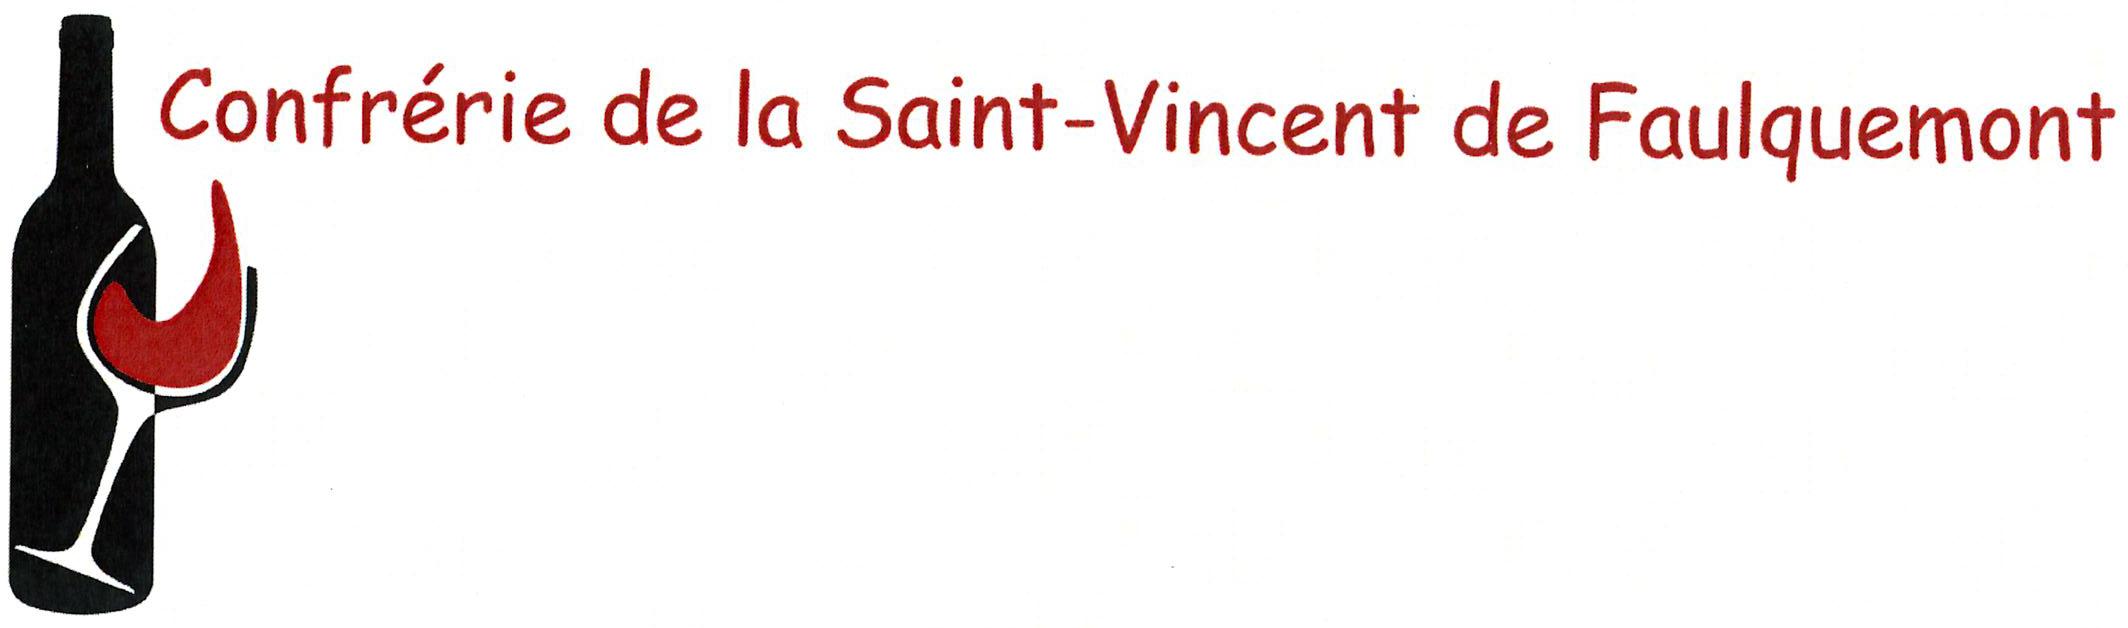 Conférie St Vincent.jpg